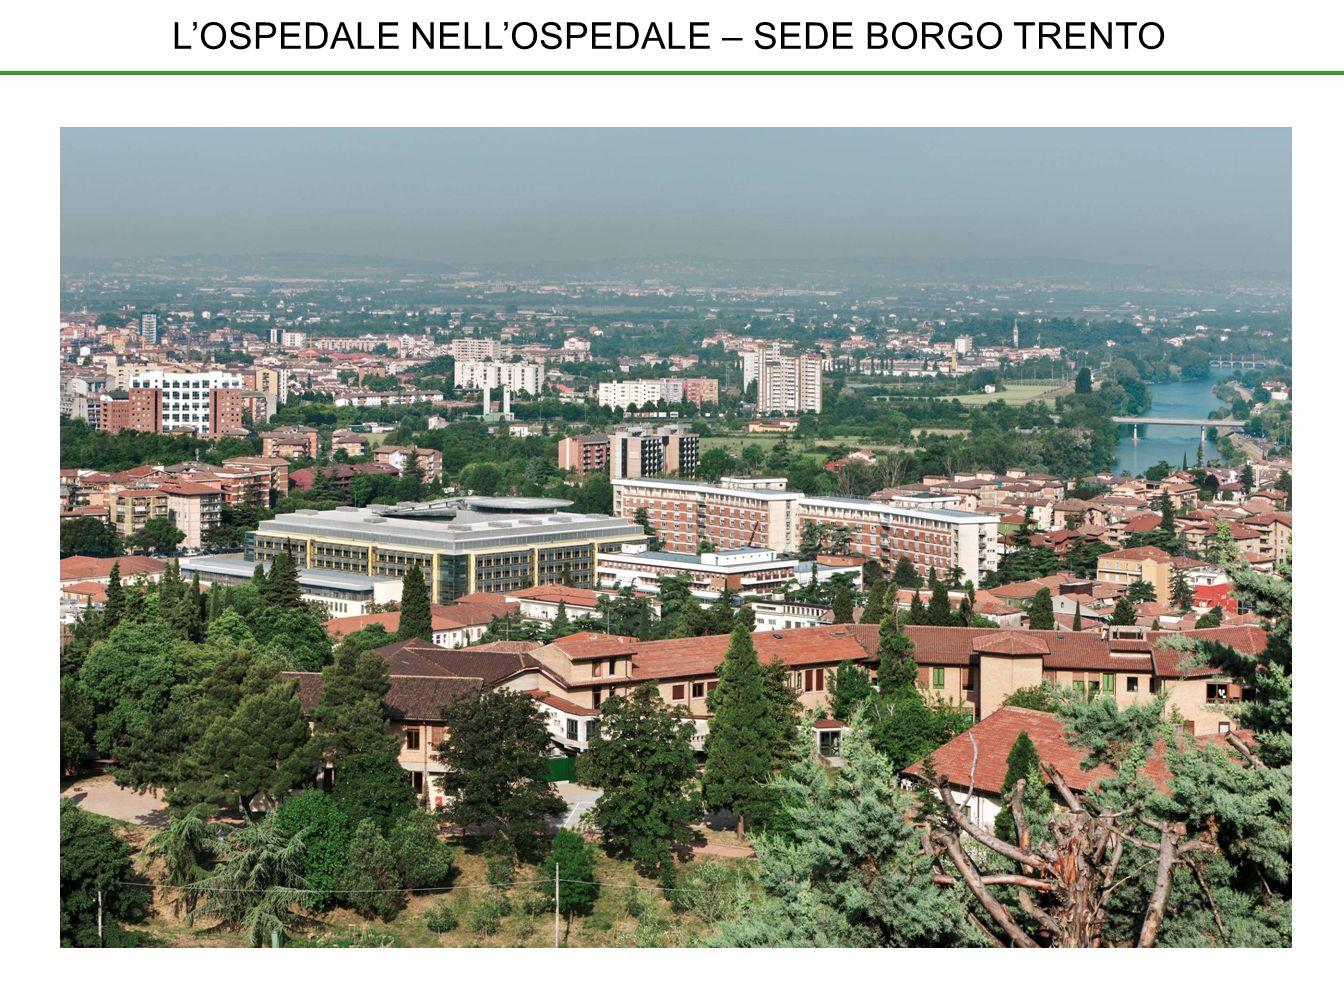 POLO CHIRURGICO Attivo dalla primavera 2011, è il primo ospedale nellospedale dellAOUI di Verona.